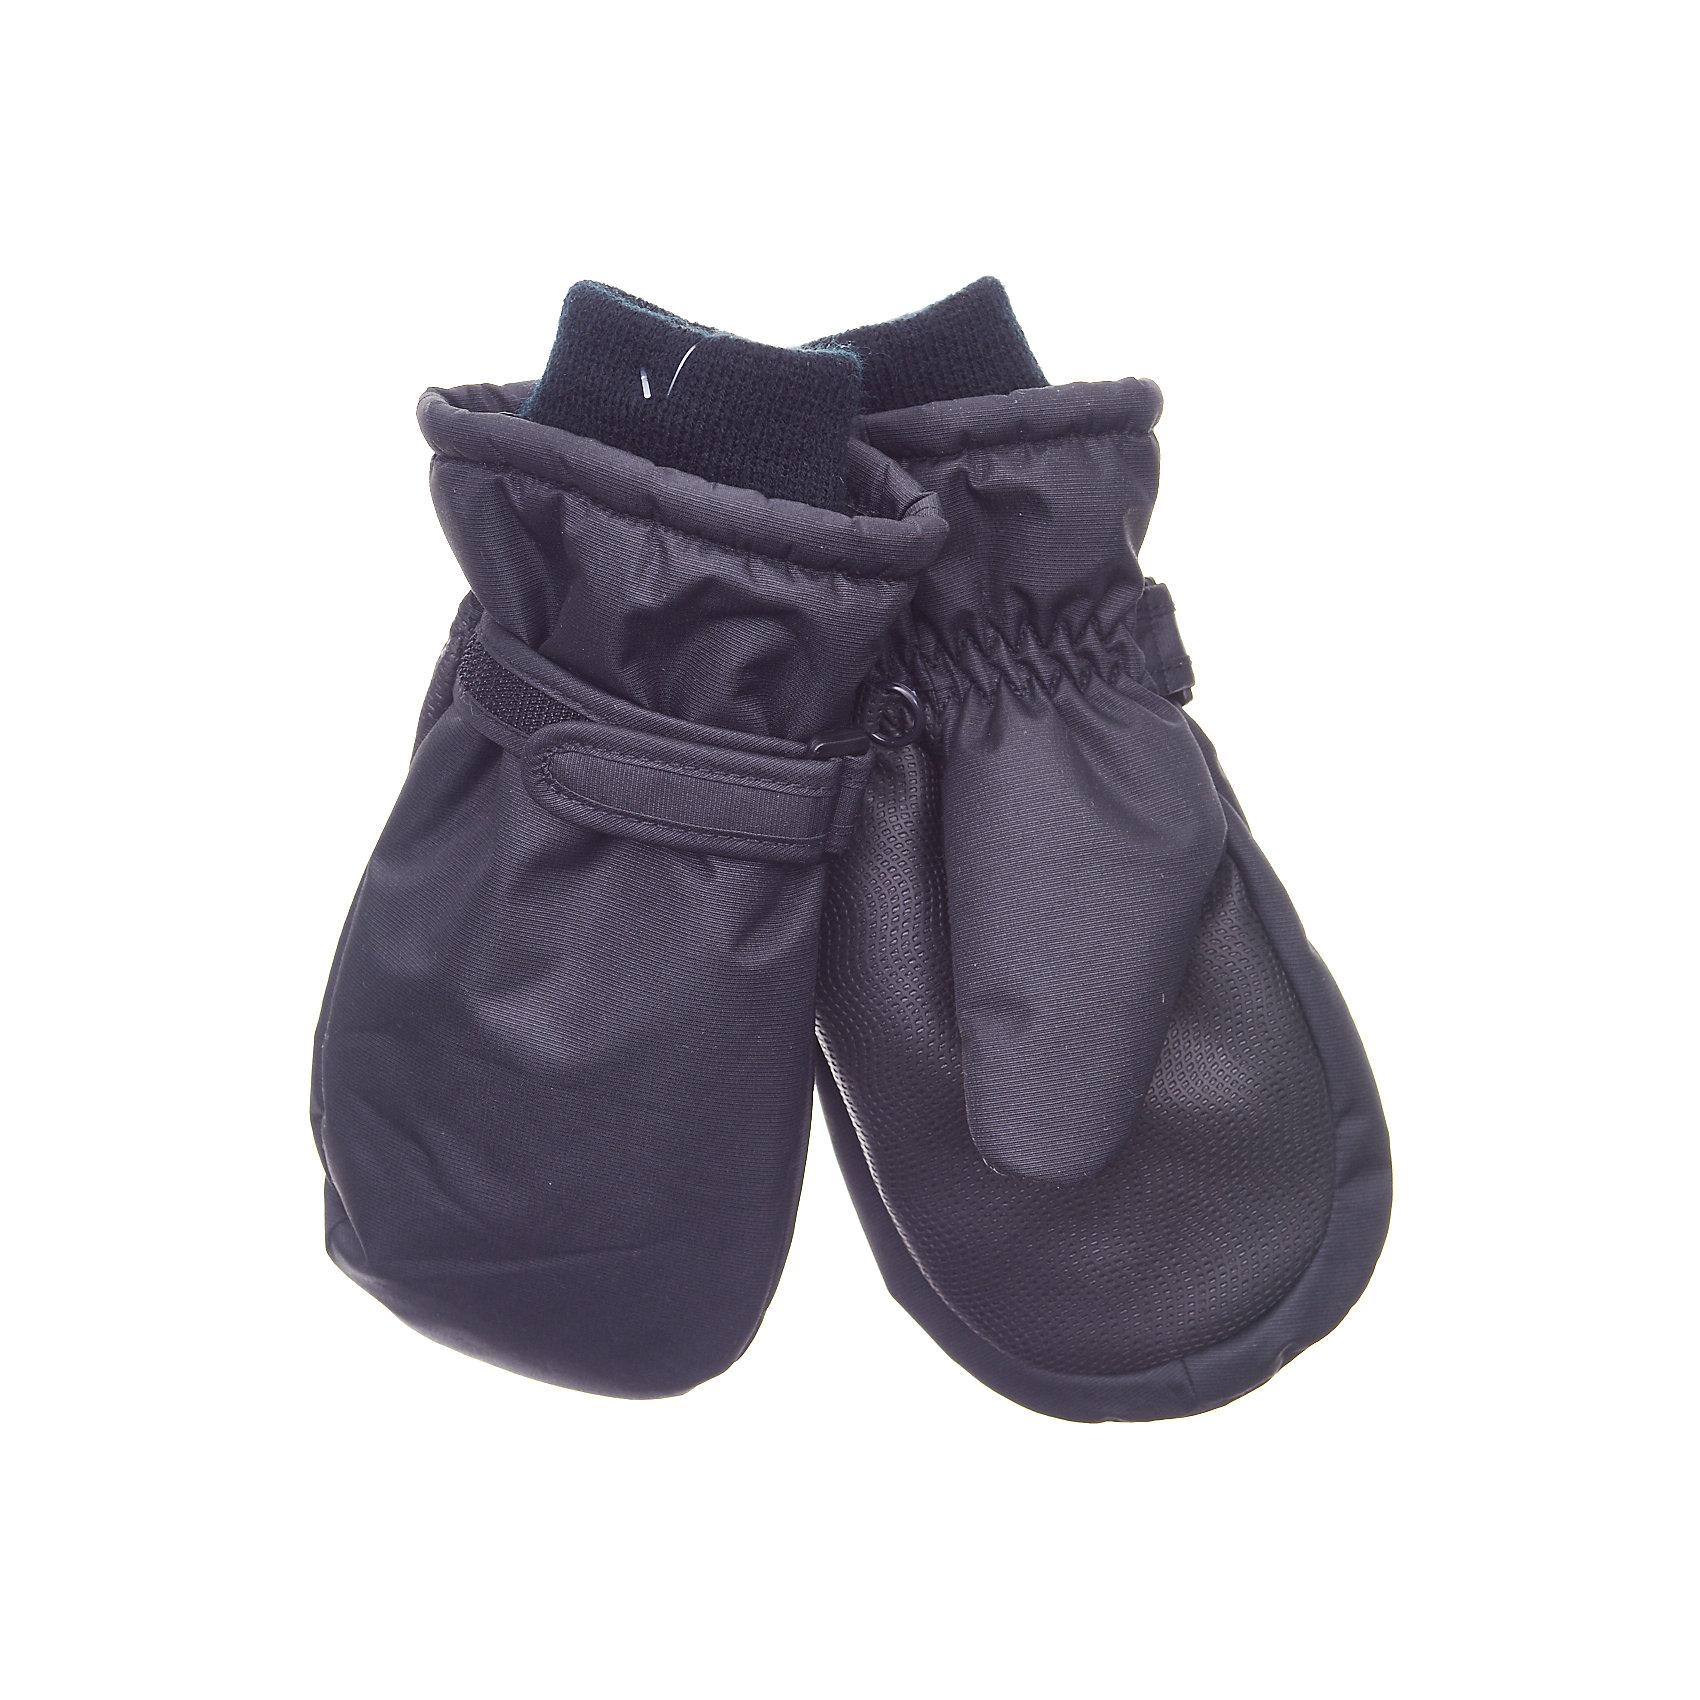 Варежки BUTTON BLUEПерчатки, варежки<br>Варежки BUTTON BLUE <br>Подбирая зимний функциональный гардероб для ребенка, не забудьте купить варежки из плащевки, ведь они - незаменимая вещь для прогулок в морозные дни! Непромокаемая плащевка, утяжка от продувания, протектор для прочности и износостойкости изделия позволят гулять в любую погоду, гарантируя тепло, уют и комфорт.<br>Состав:<br>тк. верха:                        100%полиэстер,                           подкл.:               100%полиэстер, утепл.:         100%полиэстер<br><br>Ширина мм: 162<br>Глубина мм: 171<br>Высота мм: 55<br>Вес г: 119<br>Цвет: черный<br>Возраст от месяцев: 84<br>Возраст до месяцев: 96<br>Пол: Унисекс<br>Возраст: Детский<br>Размер: 18,12,14,16<br>SKU: 7039724